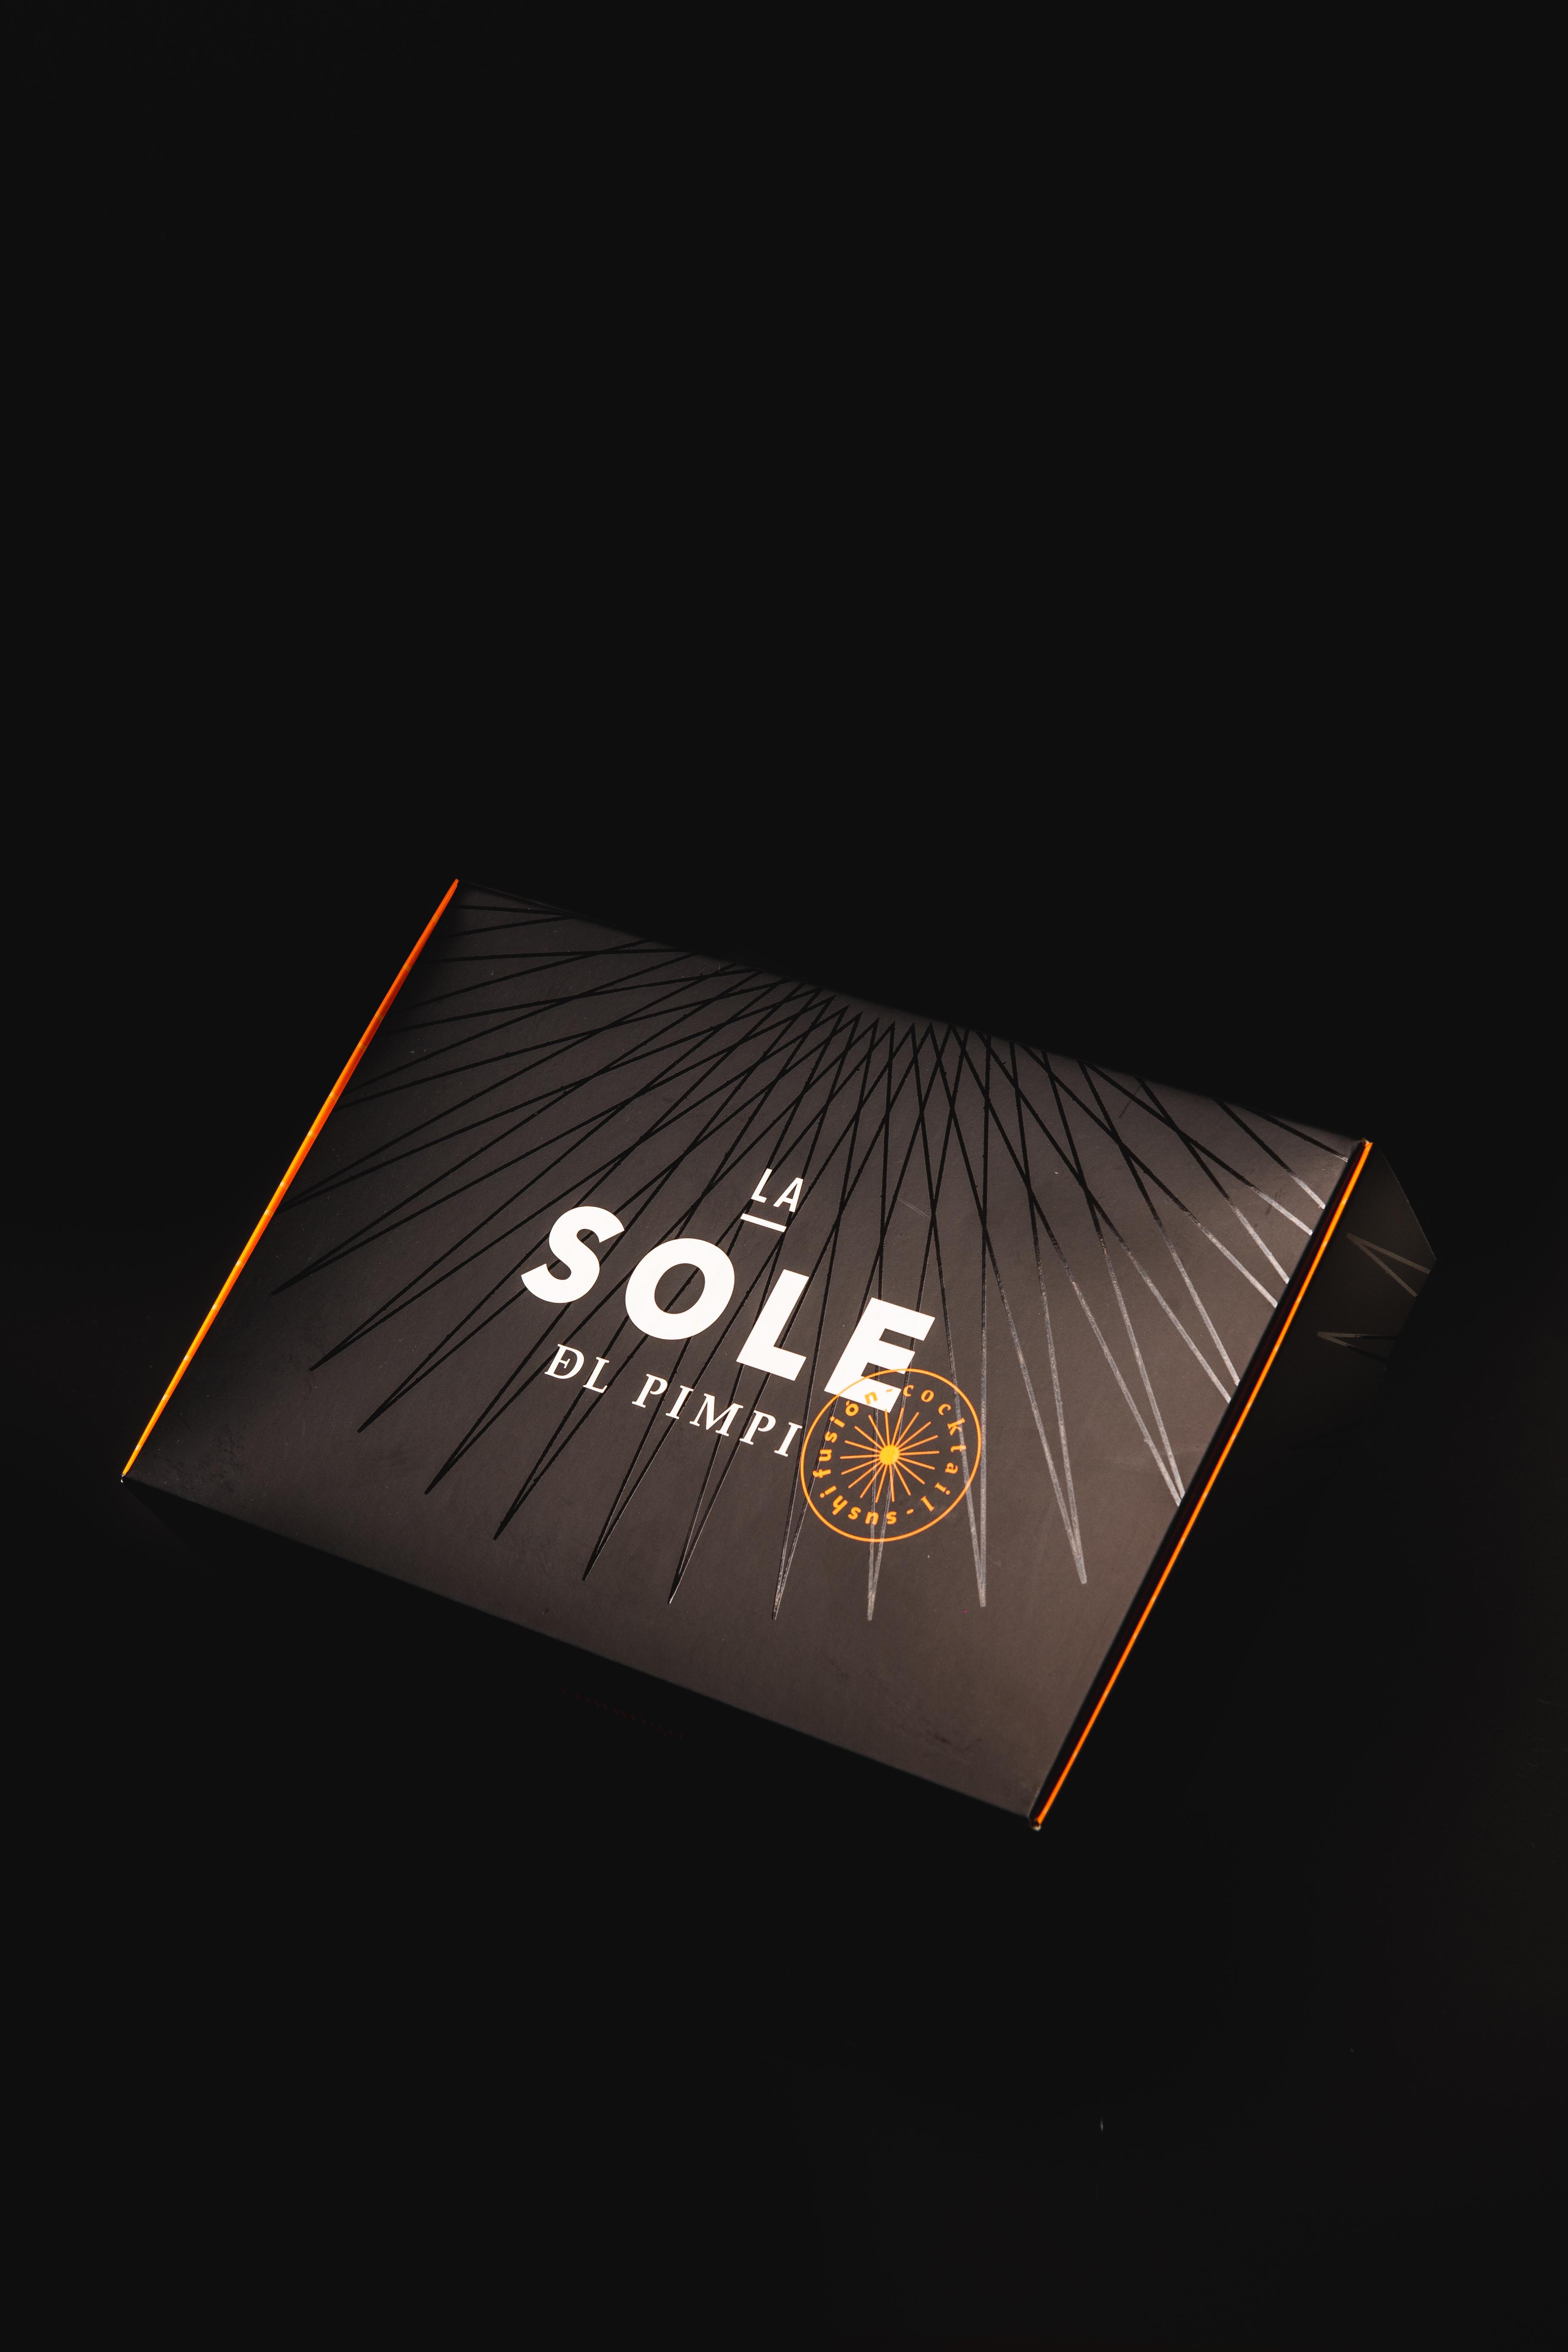 lasole_packaging